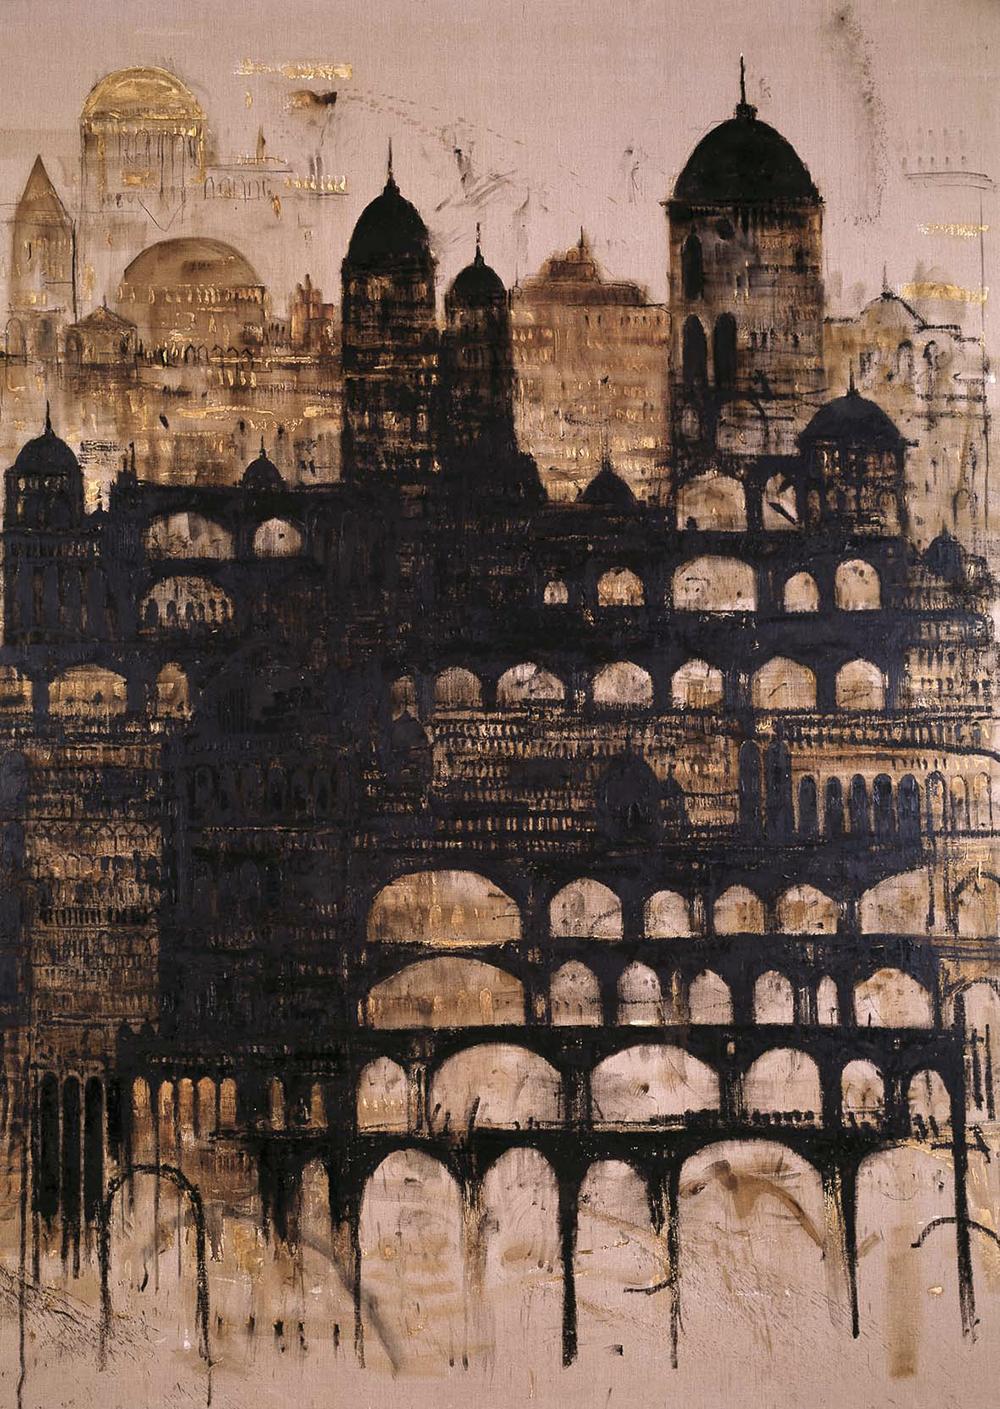 Cattedrale, 2004, olio su tela, cm 390x290 - Collez. Carisbo S. Giorgio in Poggiale, Bologna